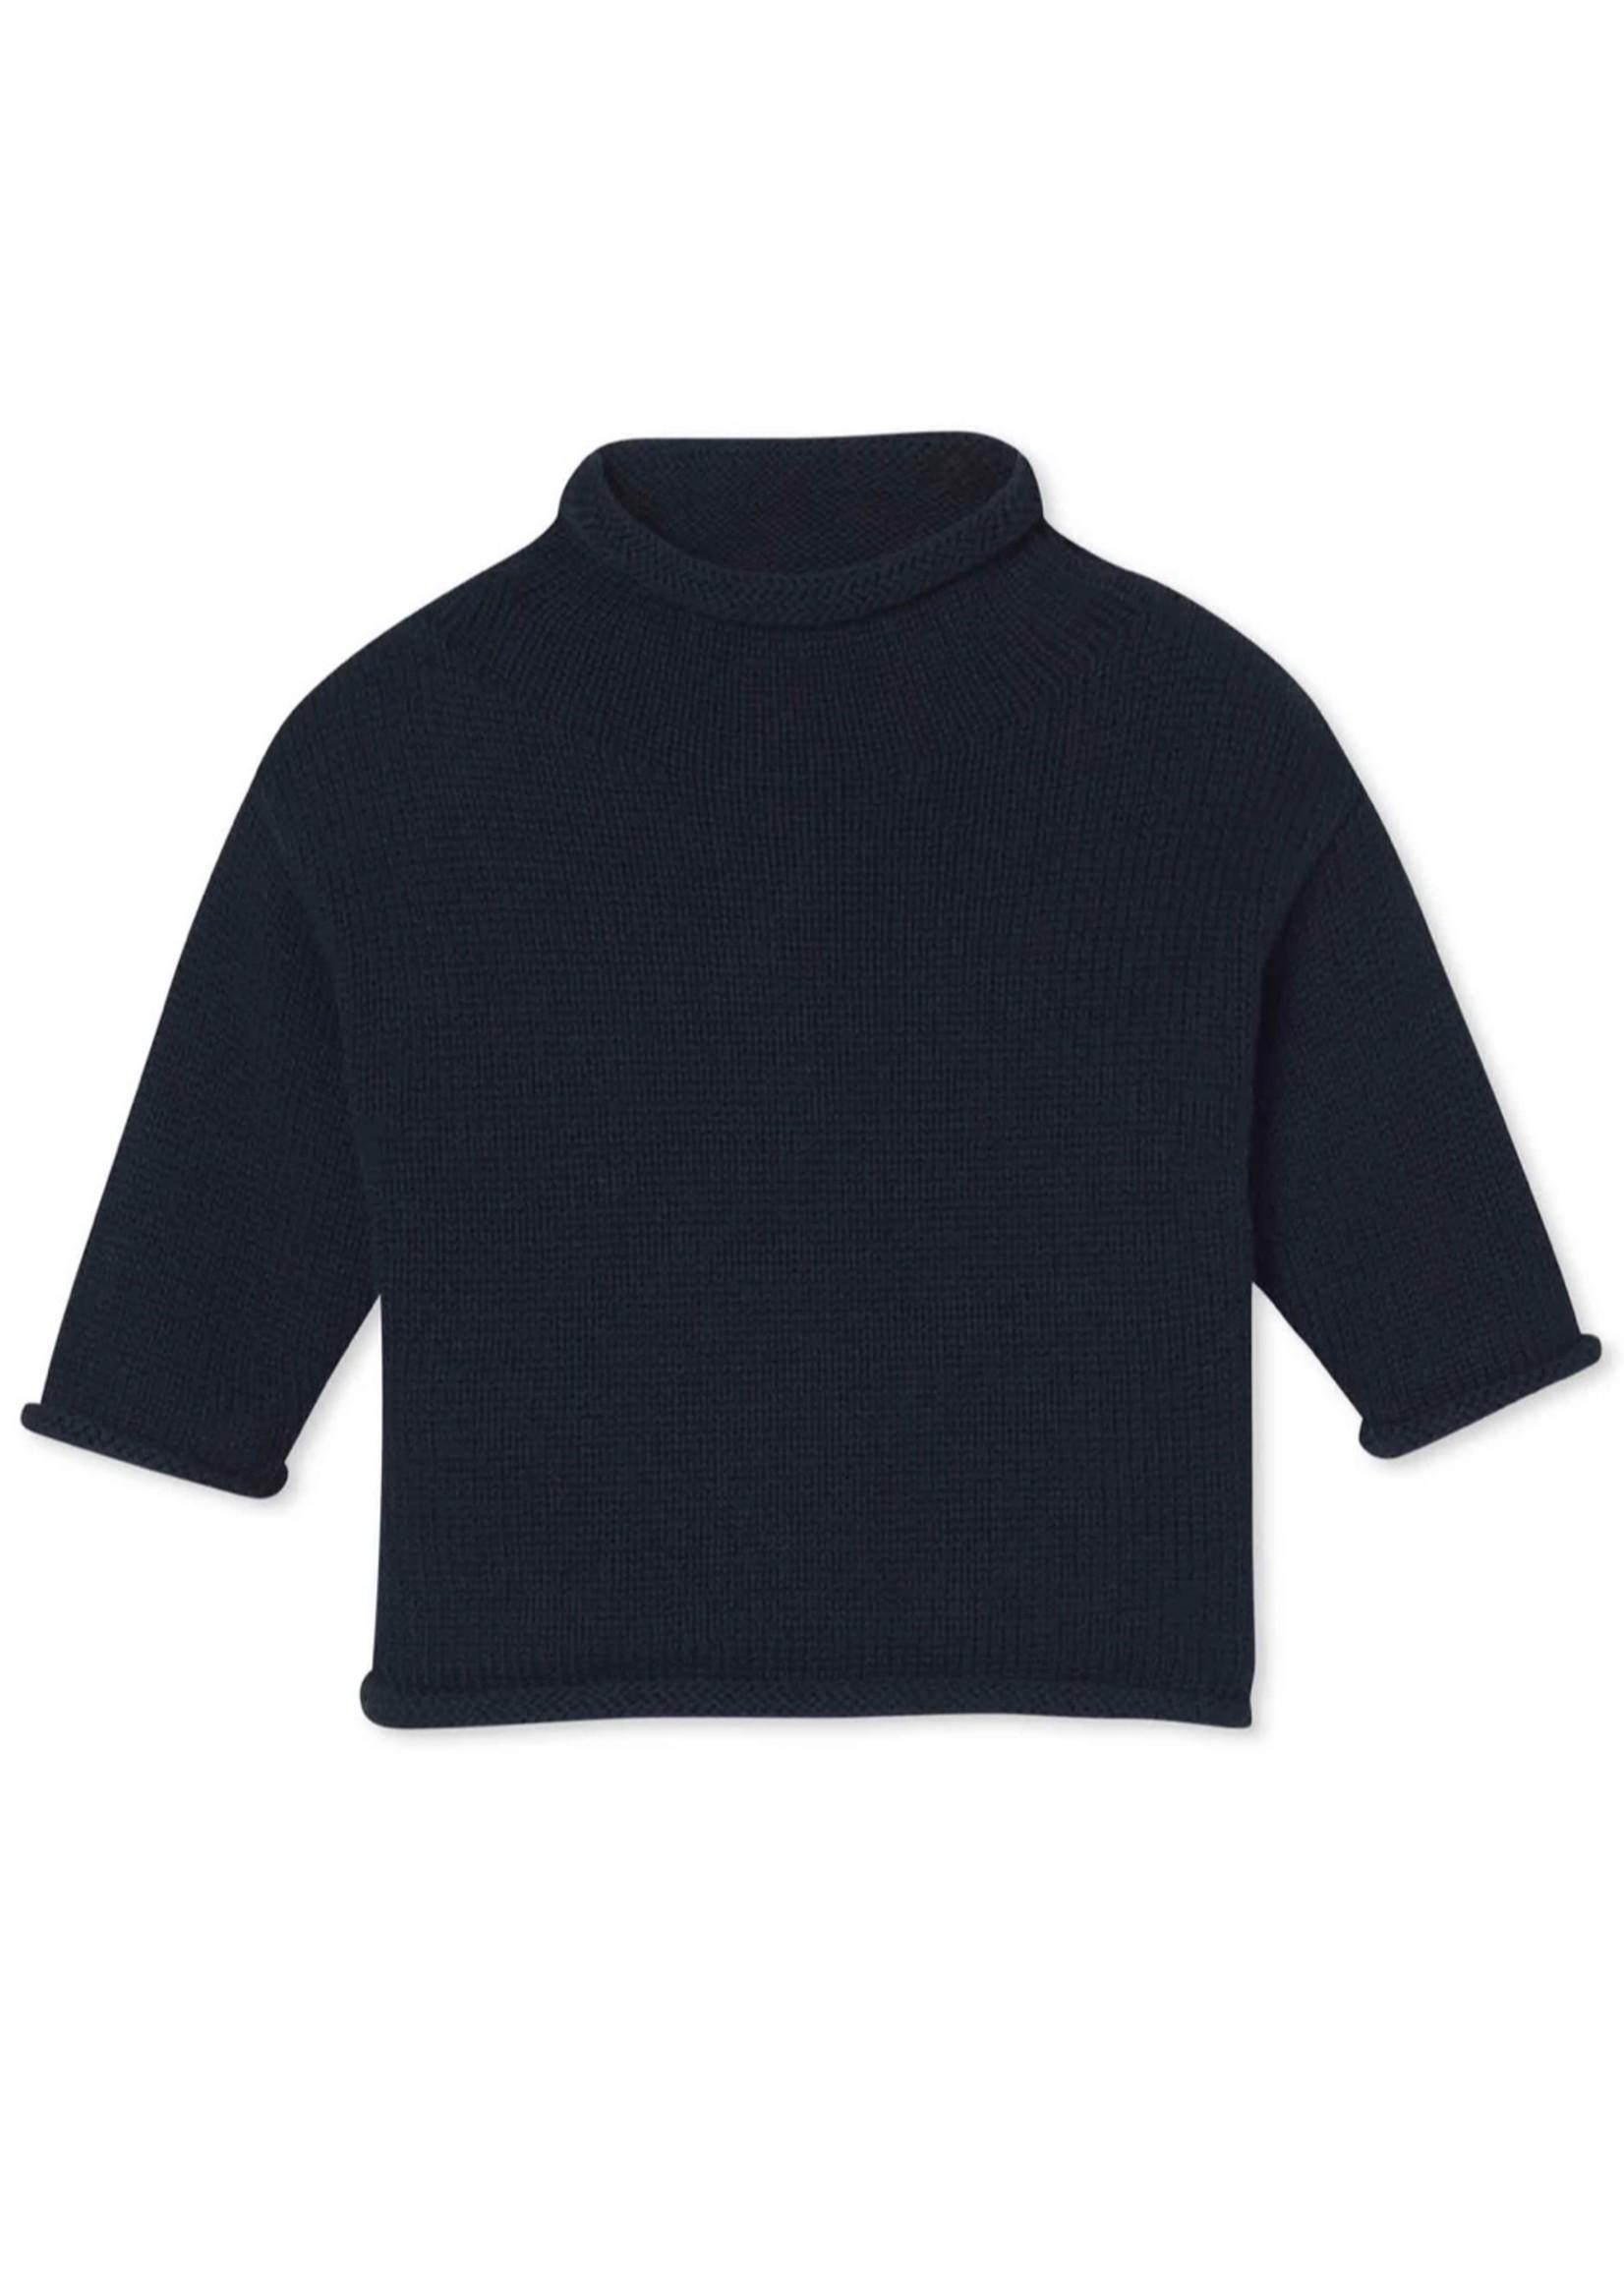 Fraser Roll Neck Sweater - Medieval Blue